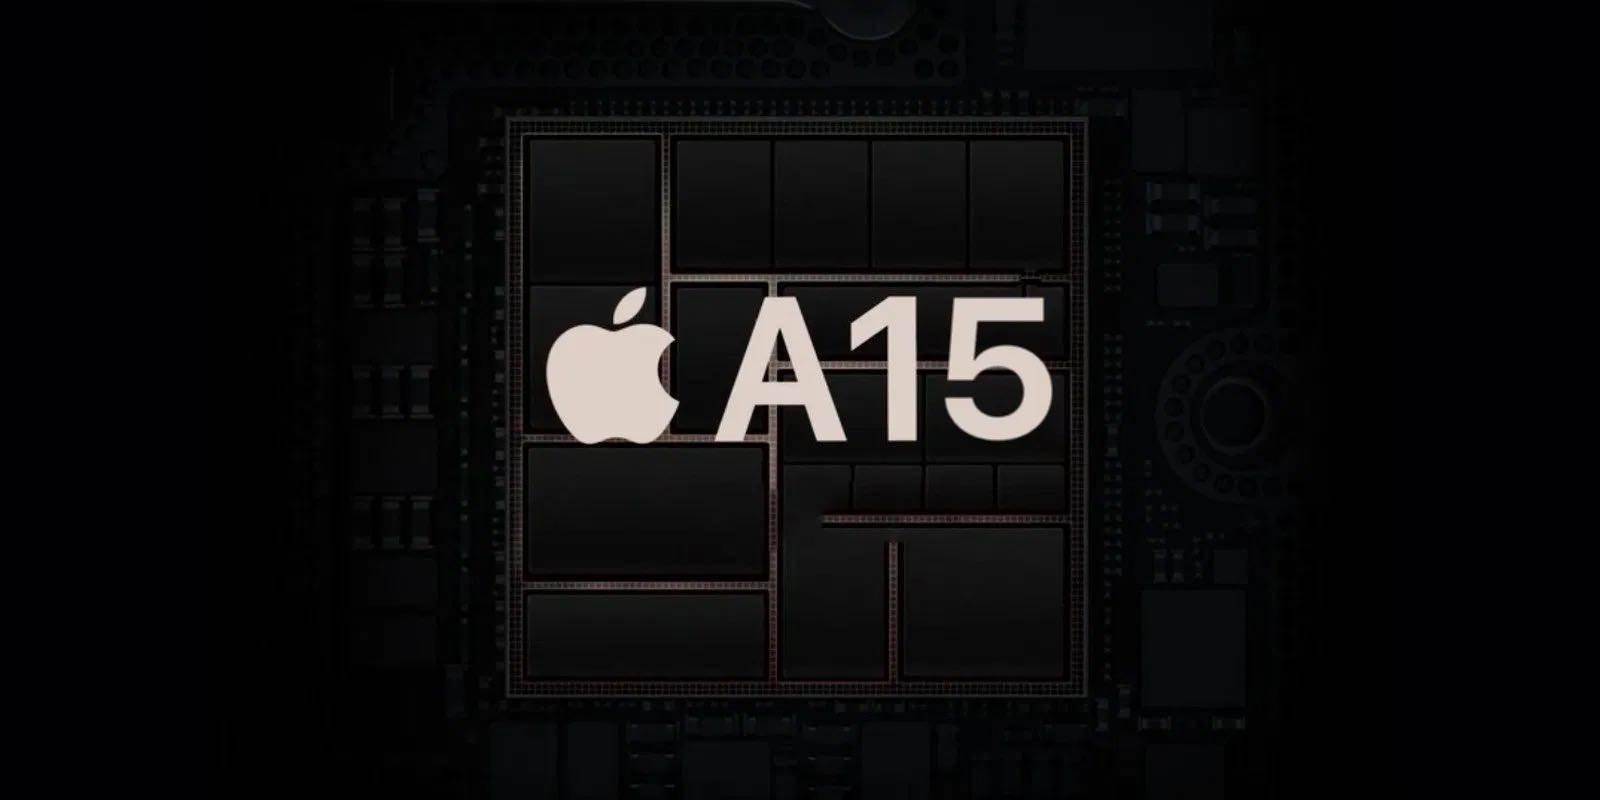 Wszystko o iPhone 13 / 13 Pro: wygląd, cena, specyfikacja i data premiery ciekawostki wszystko o iphone 13, nowosci na temat iphone 13, iPhone 13 Pro max, iPhone 13 Pro, iPhone 13 mini, iPhone 13  We wrześniu 2021 roku Apple zorganizuje co najmniej jedną prezentację, a być może dwie. Na jednej z nich firma na pewno zaprezentuje nową linię iPhone'ów 13. A15